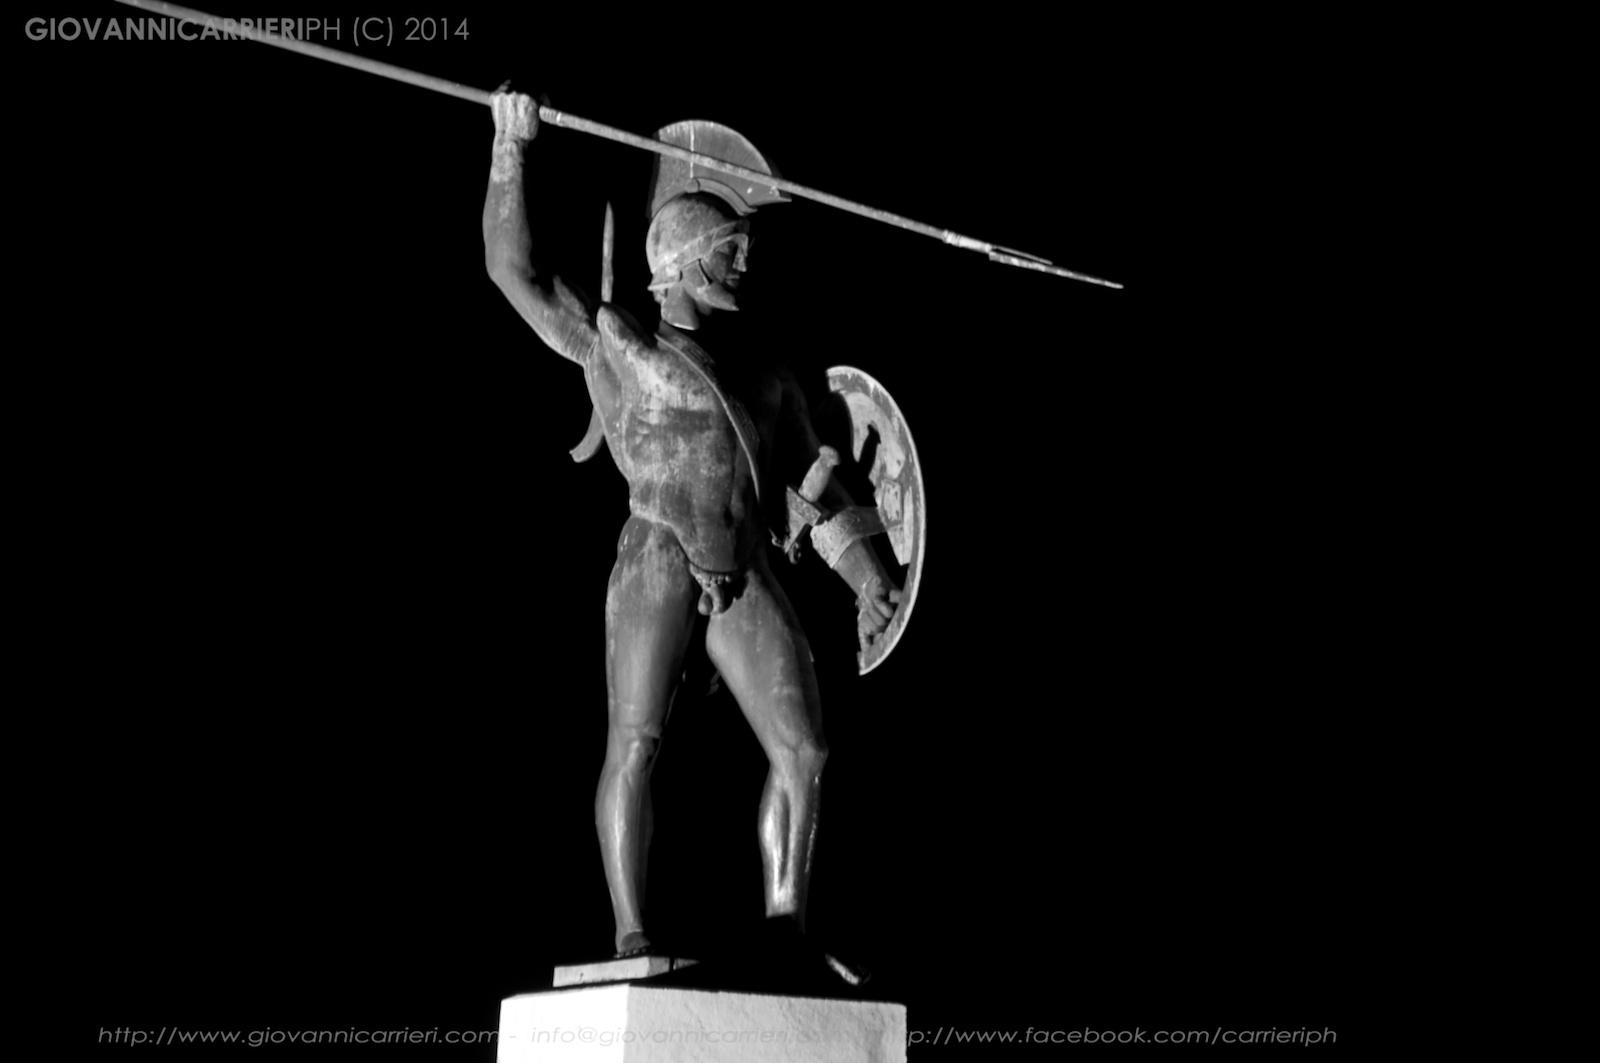 Venite a Prenderle! disse Leonida ai Persiani